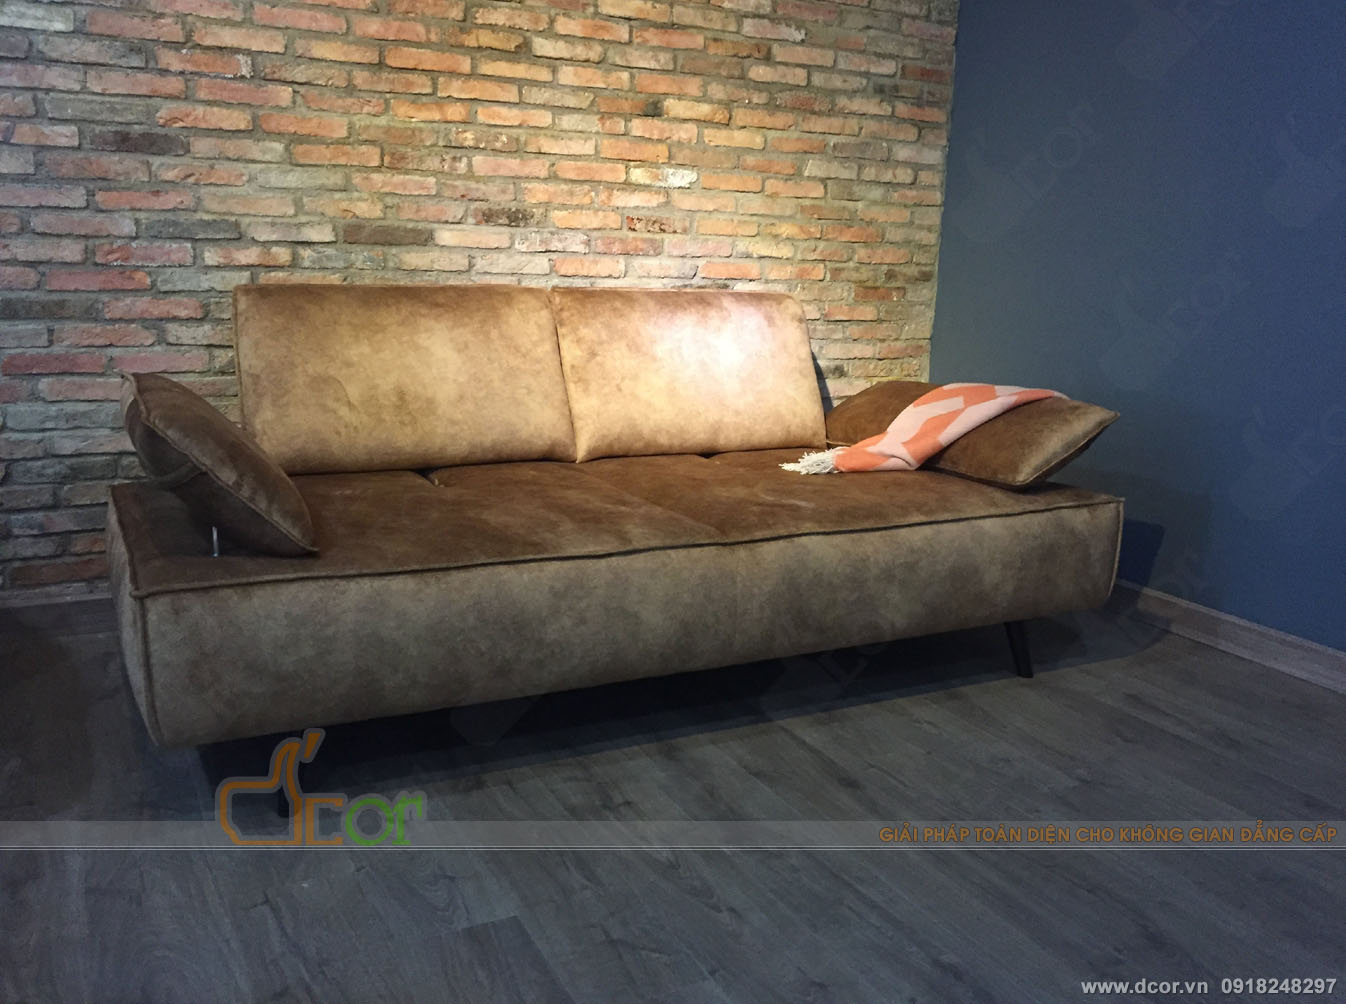 Mẫu sofa văng khung gỗ tự nhiên nhập khẩu Châu Âu cao cấp cho phòng khách đẹp hoàn hảo: NV850